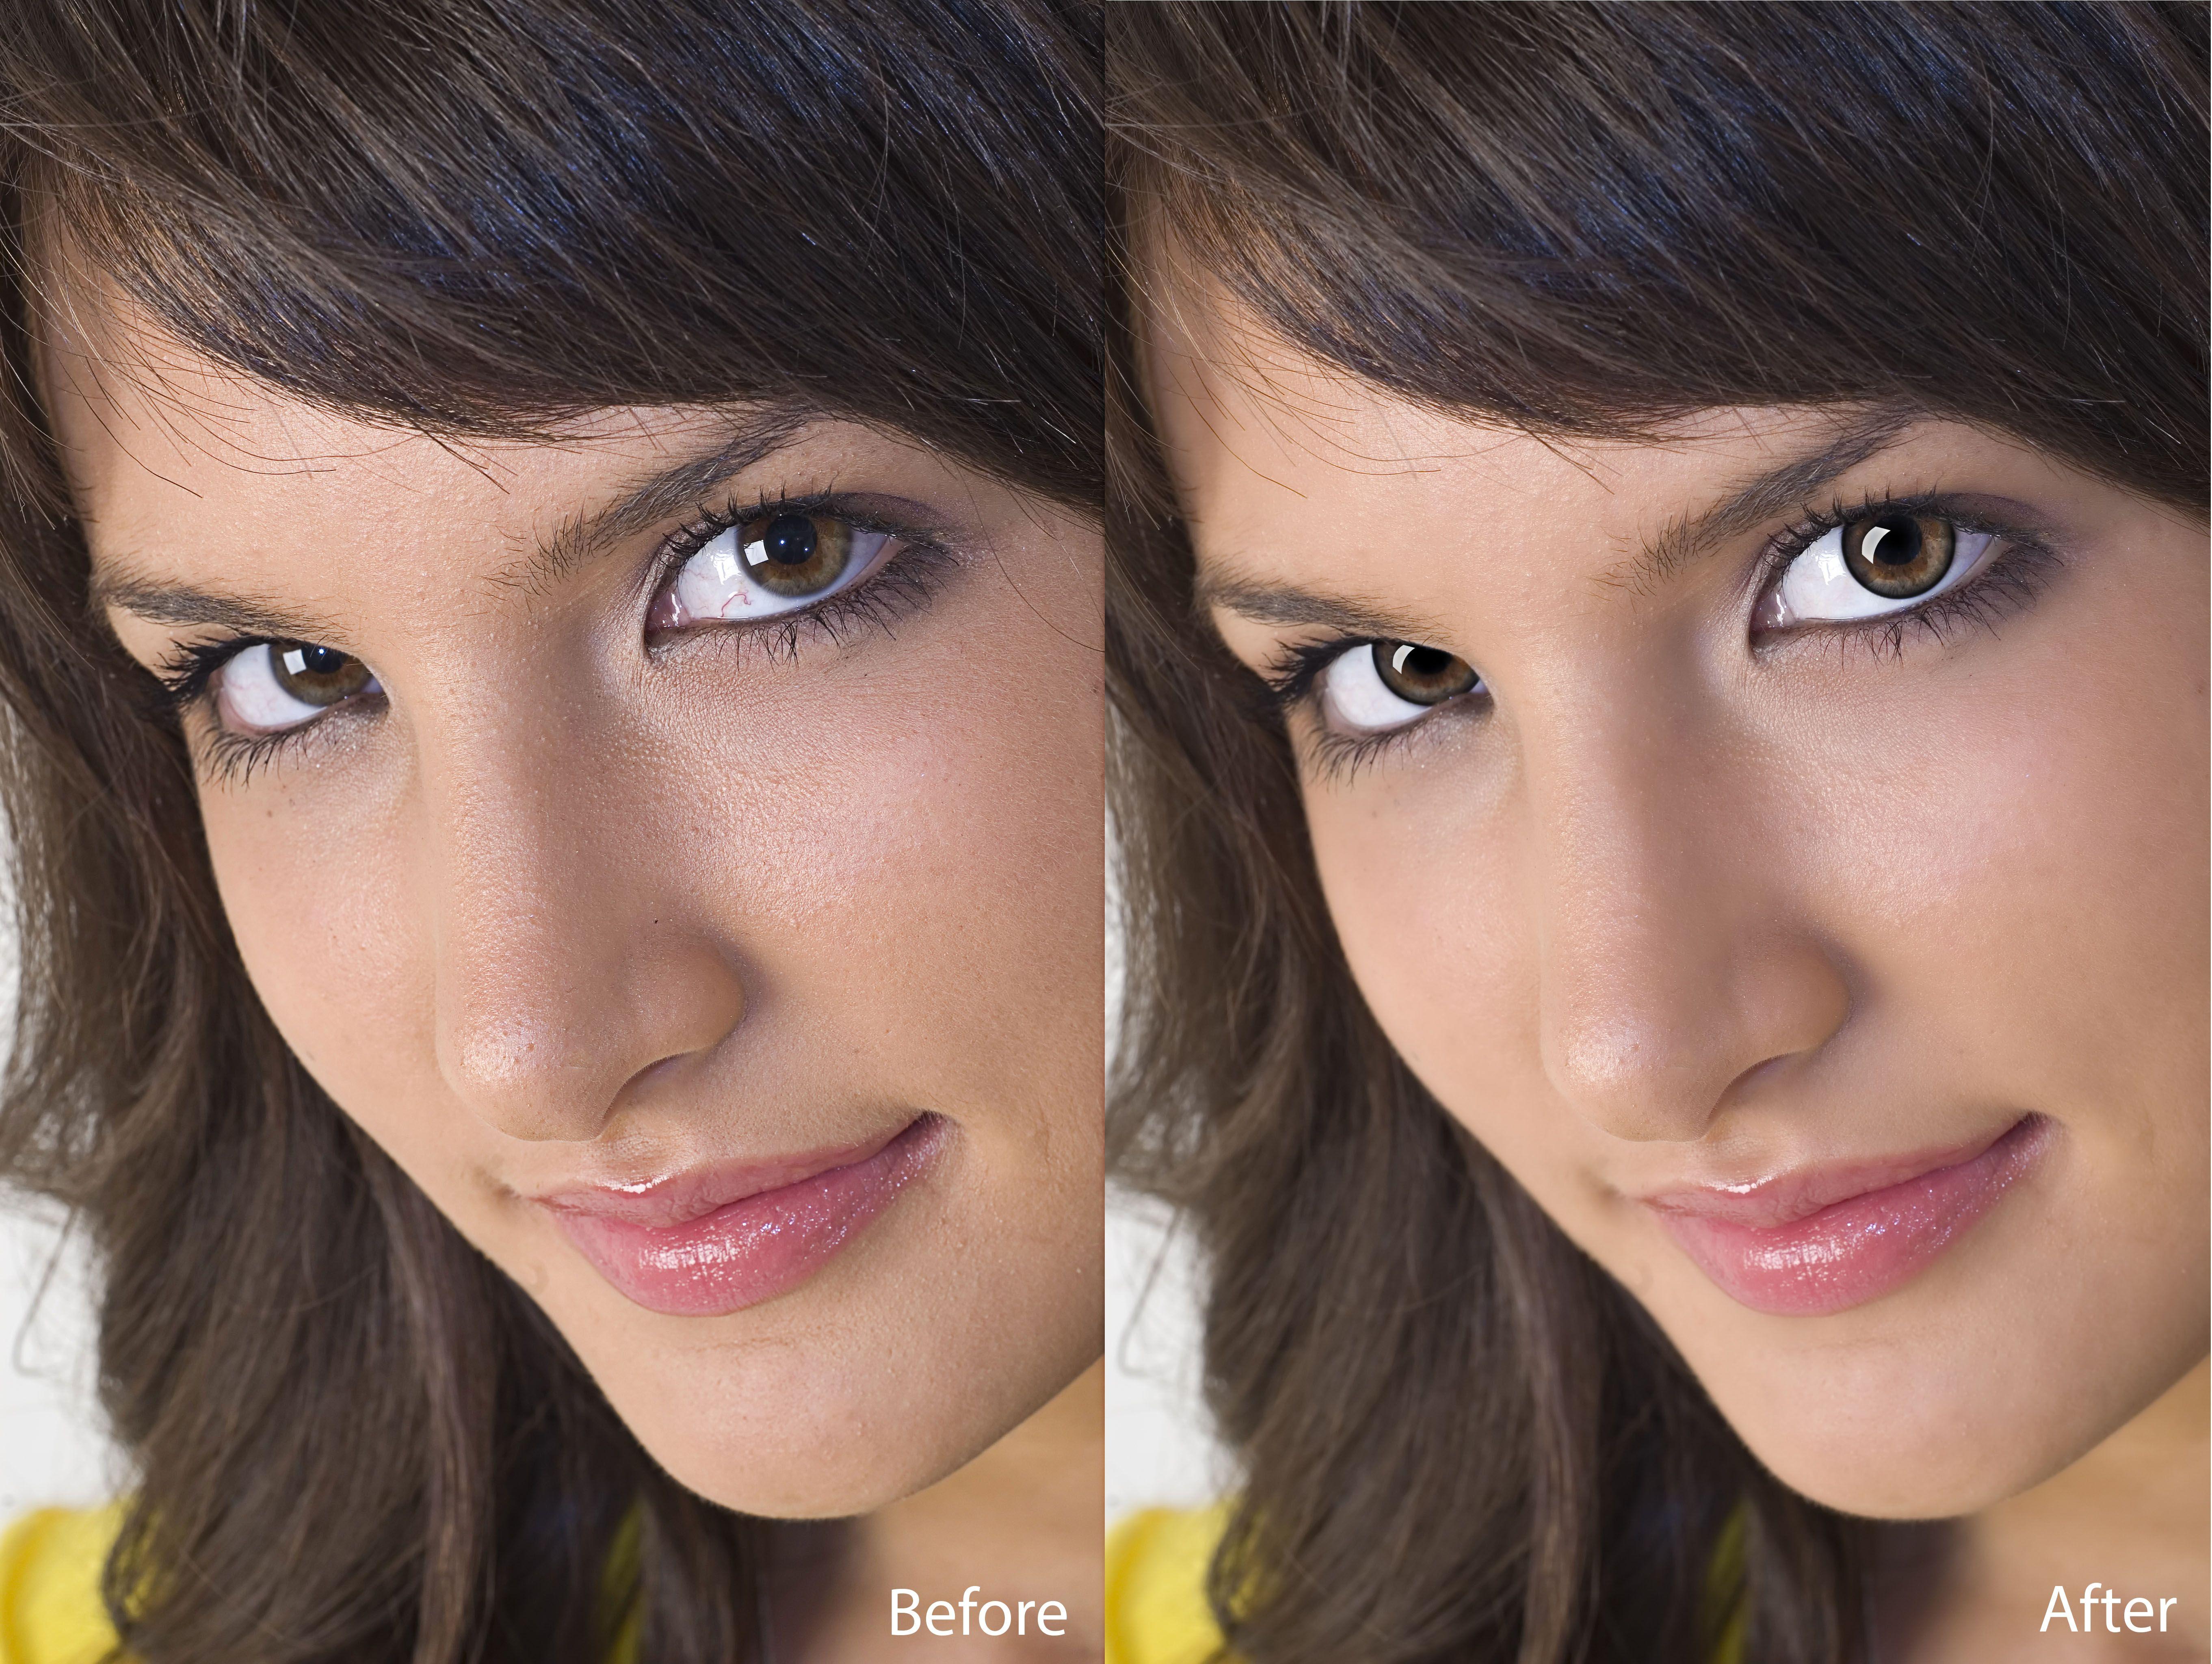 I would like some professional input on retouching eyes